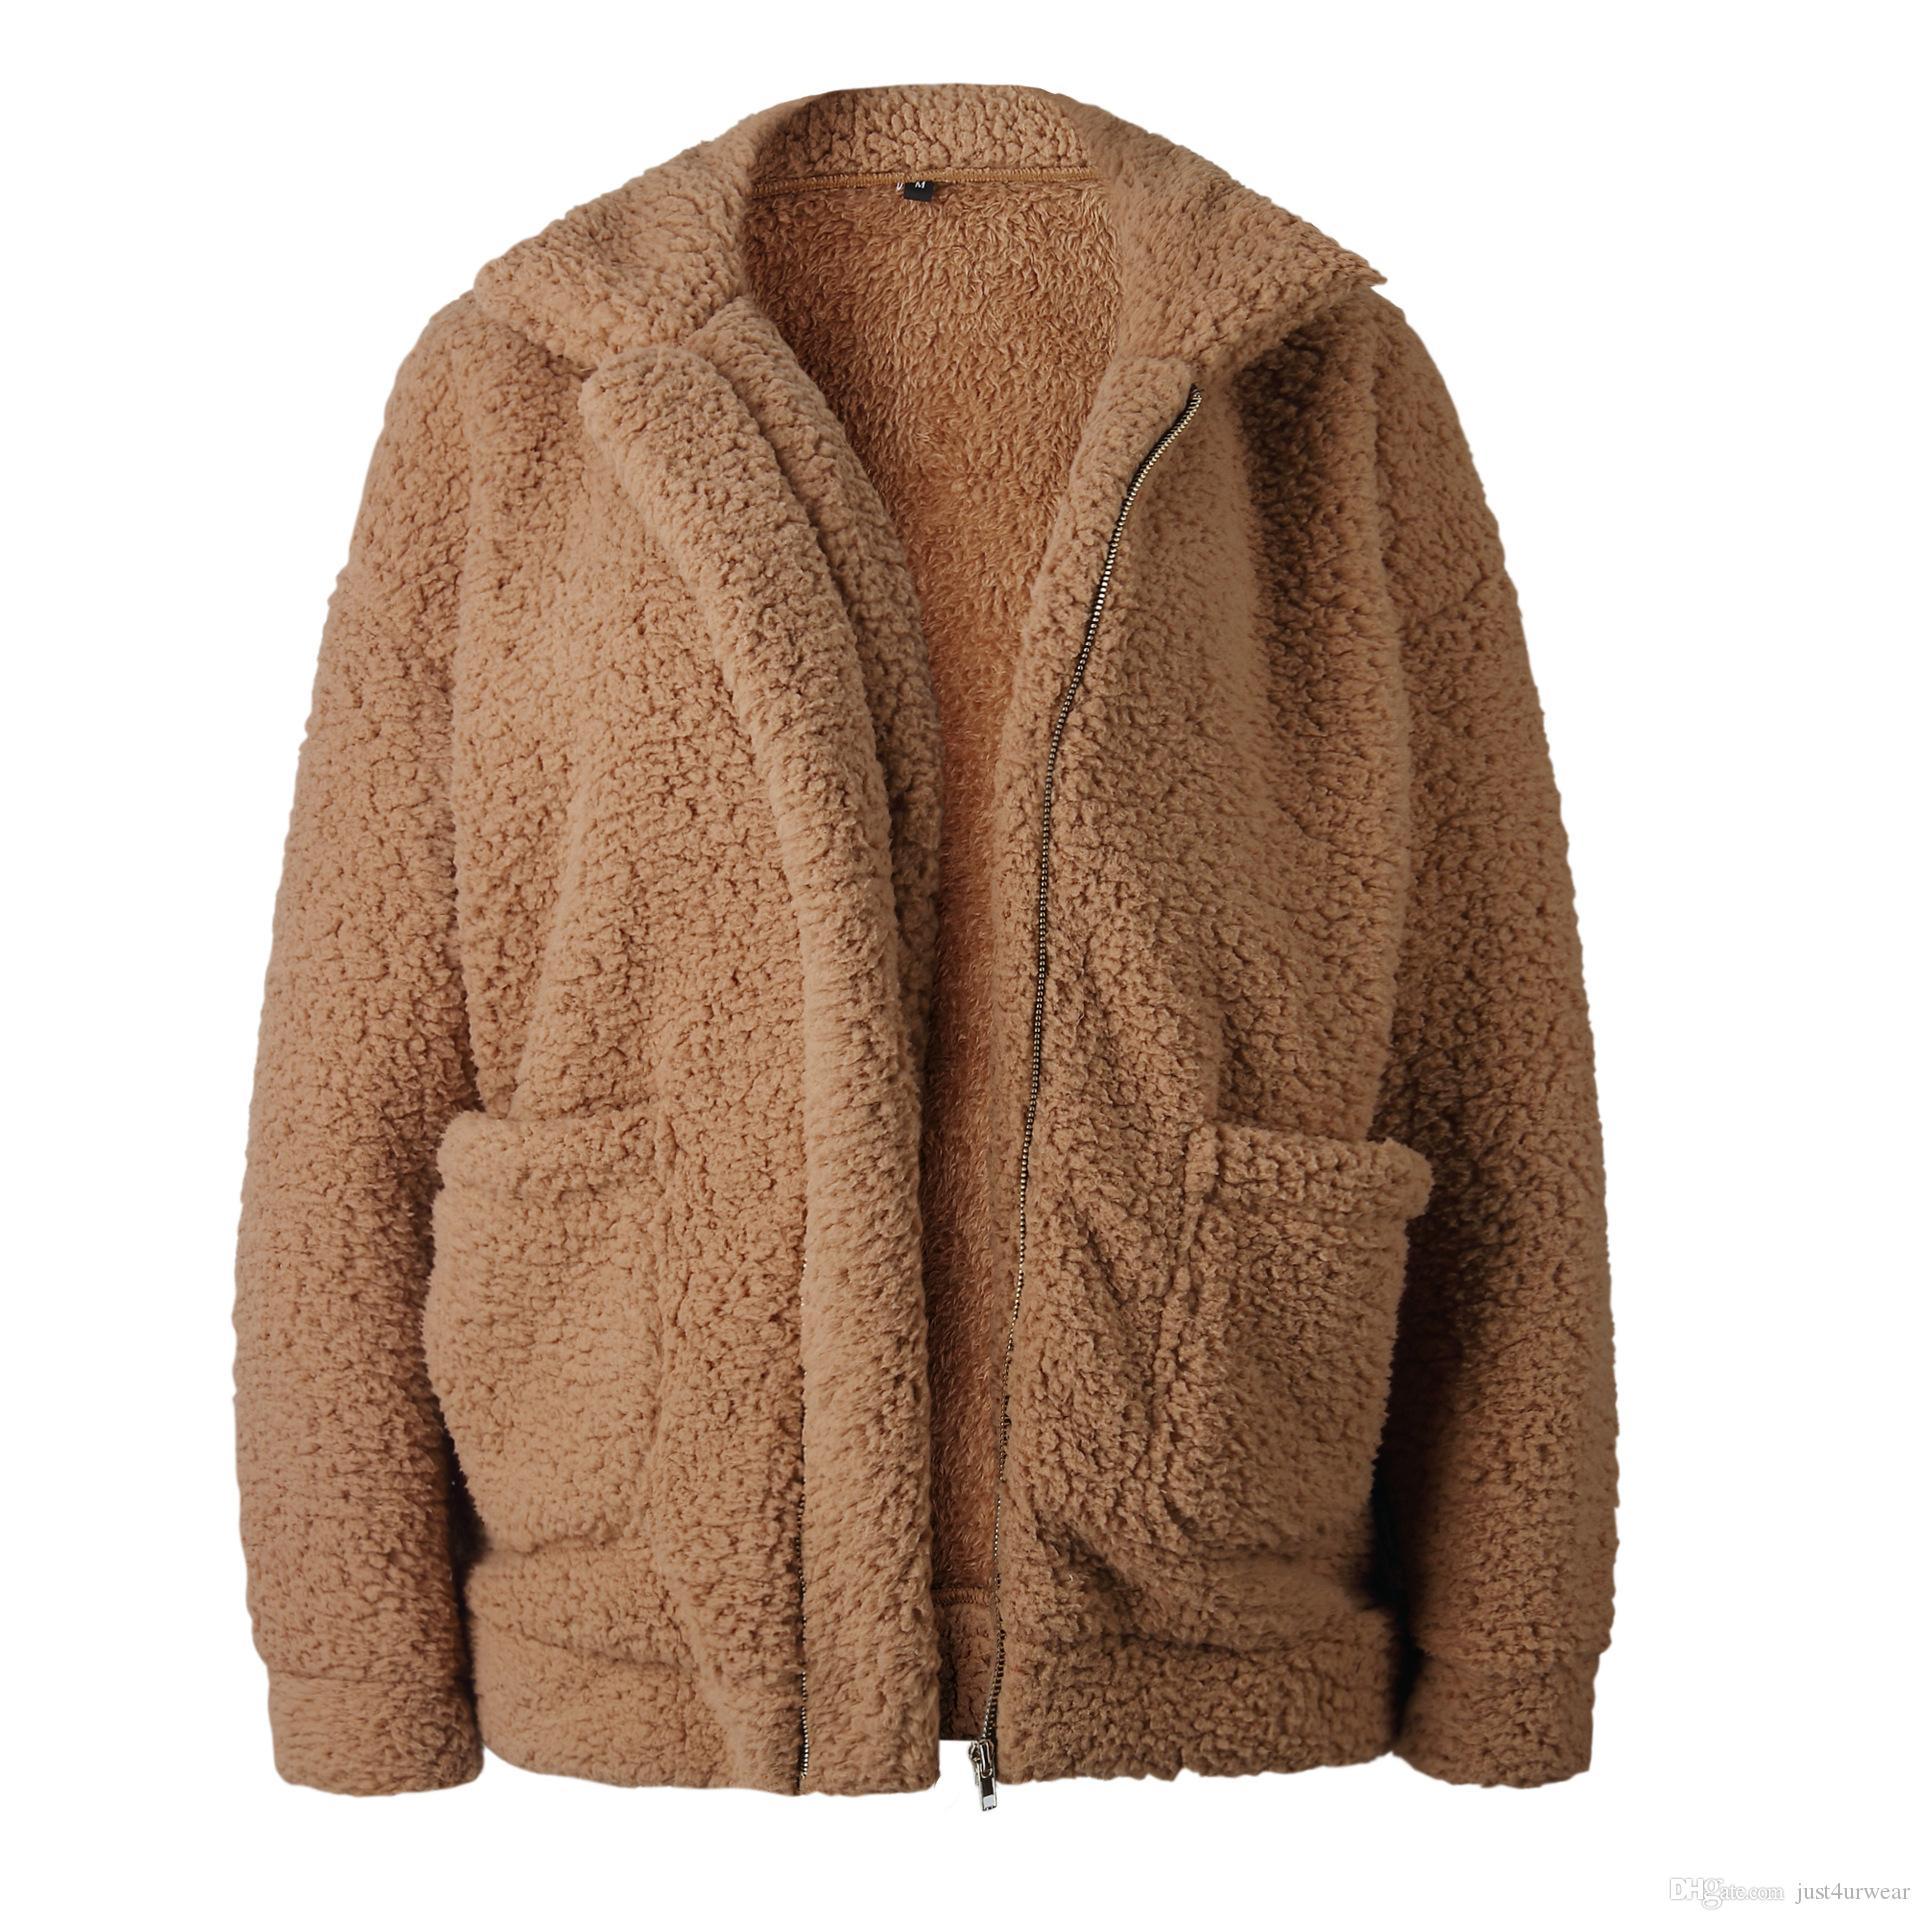 Donna Inverno cappotti Agnello morbido tuta sportiva calda Tops solido di colore con tasca cappotti donna moda casual Cappotti risvolto collo 9 colori